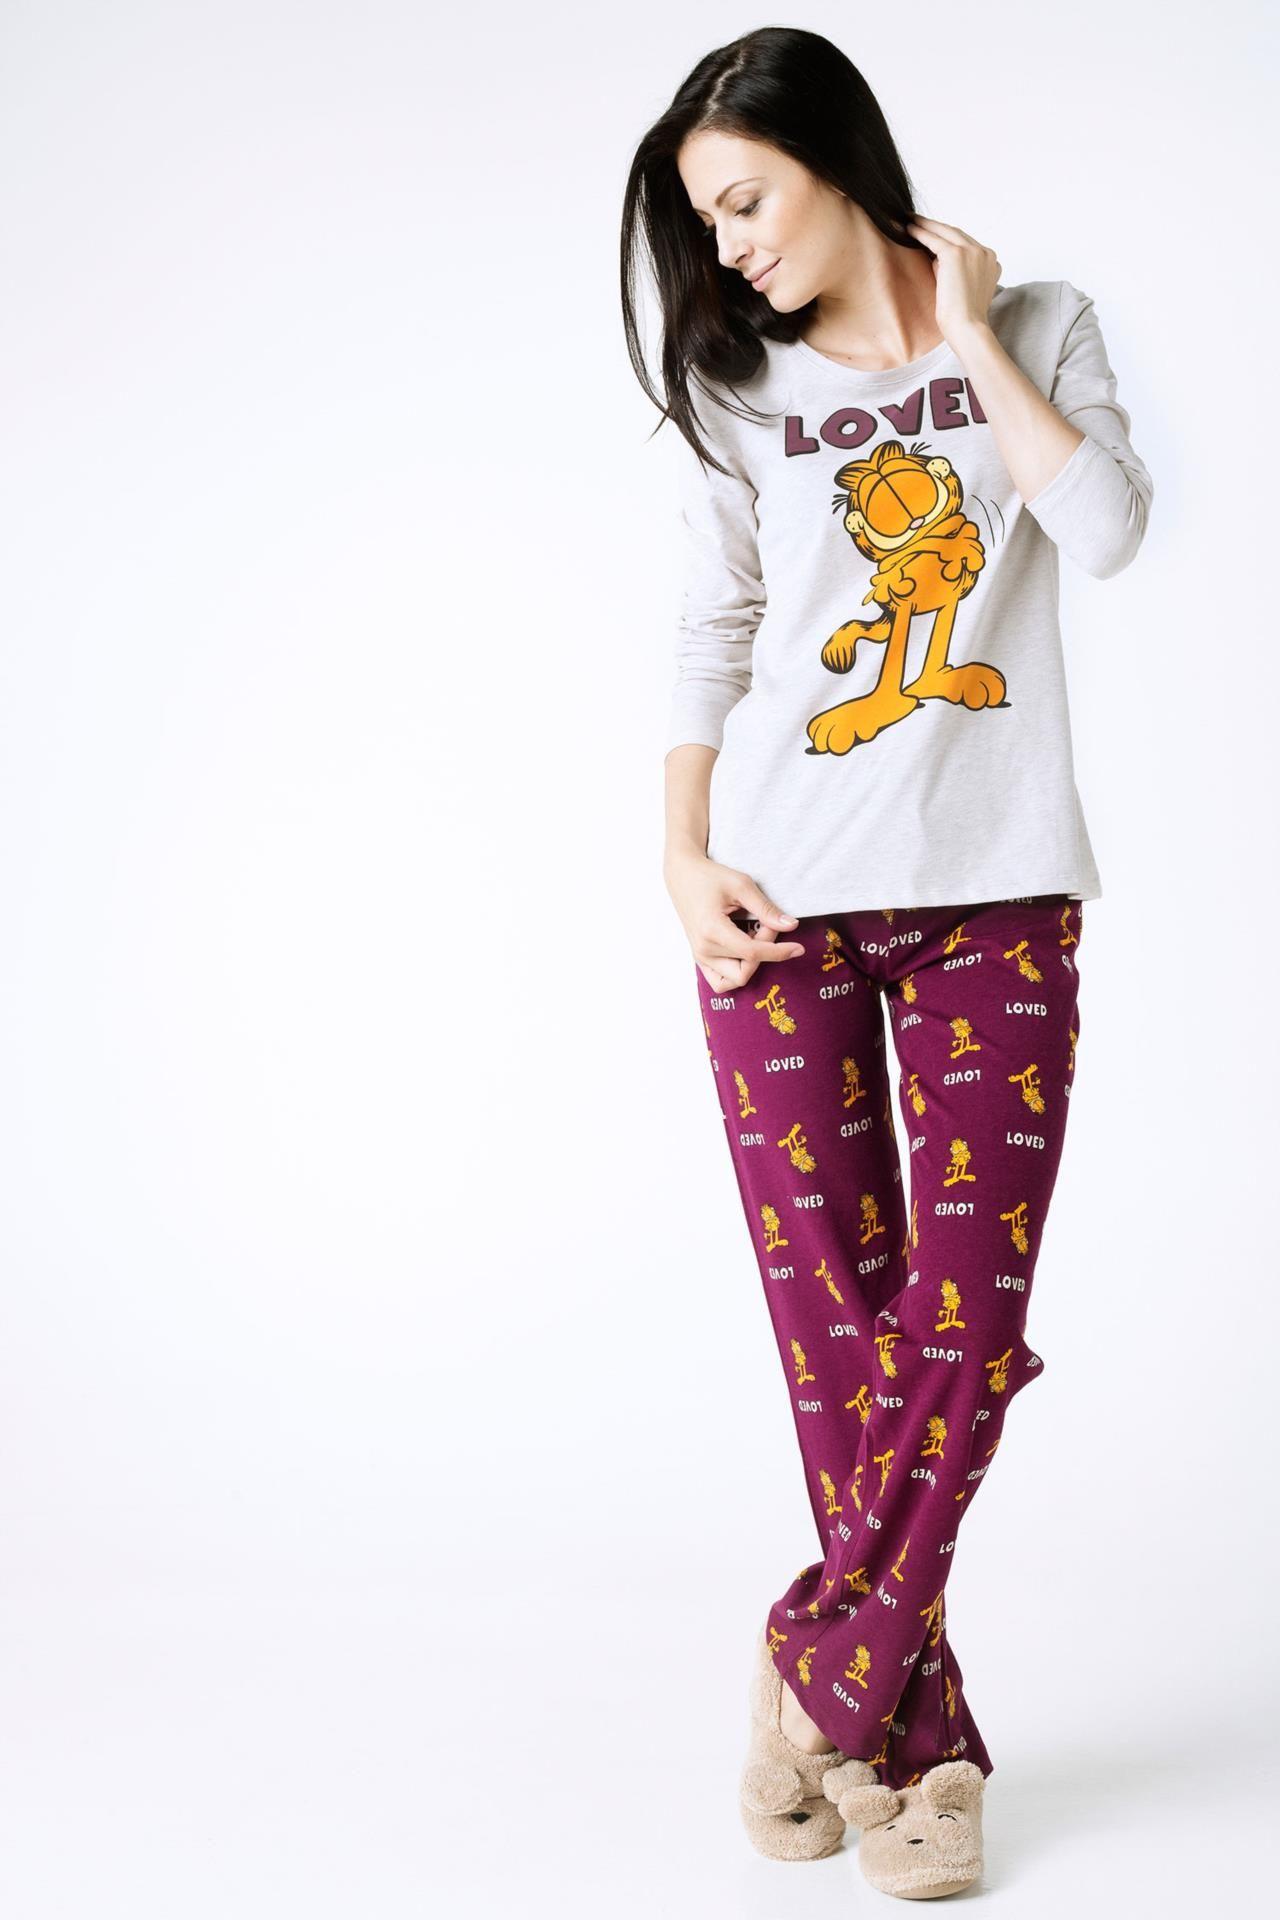 Mor Kadin Garfield Baskili Pijama Takimi 372778 Pijama Moda Stilleri Kadin